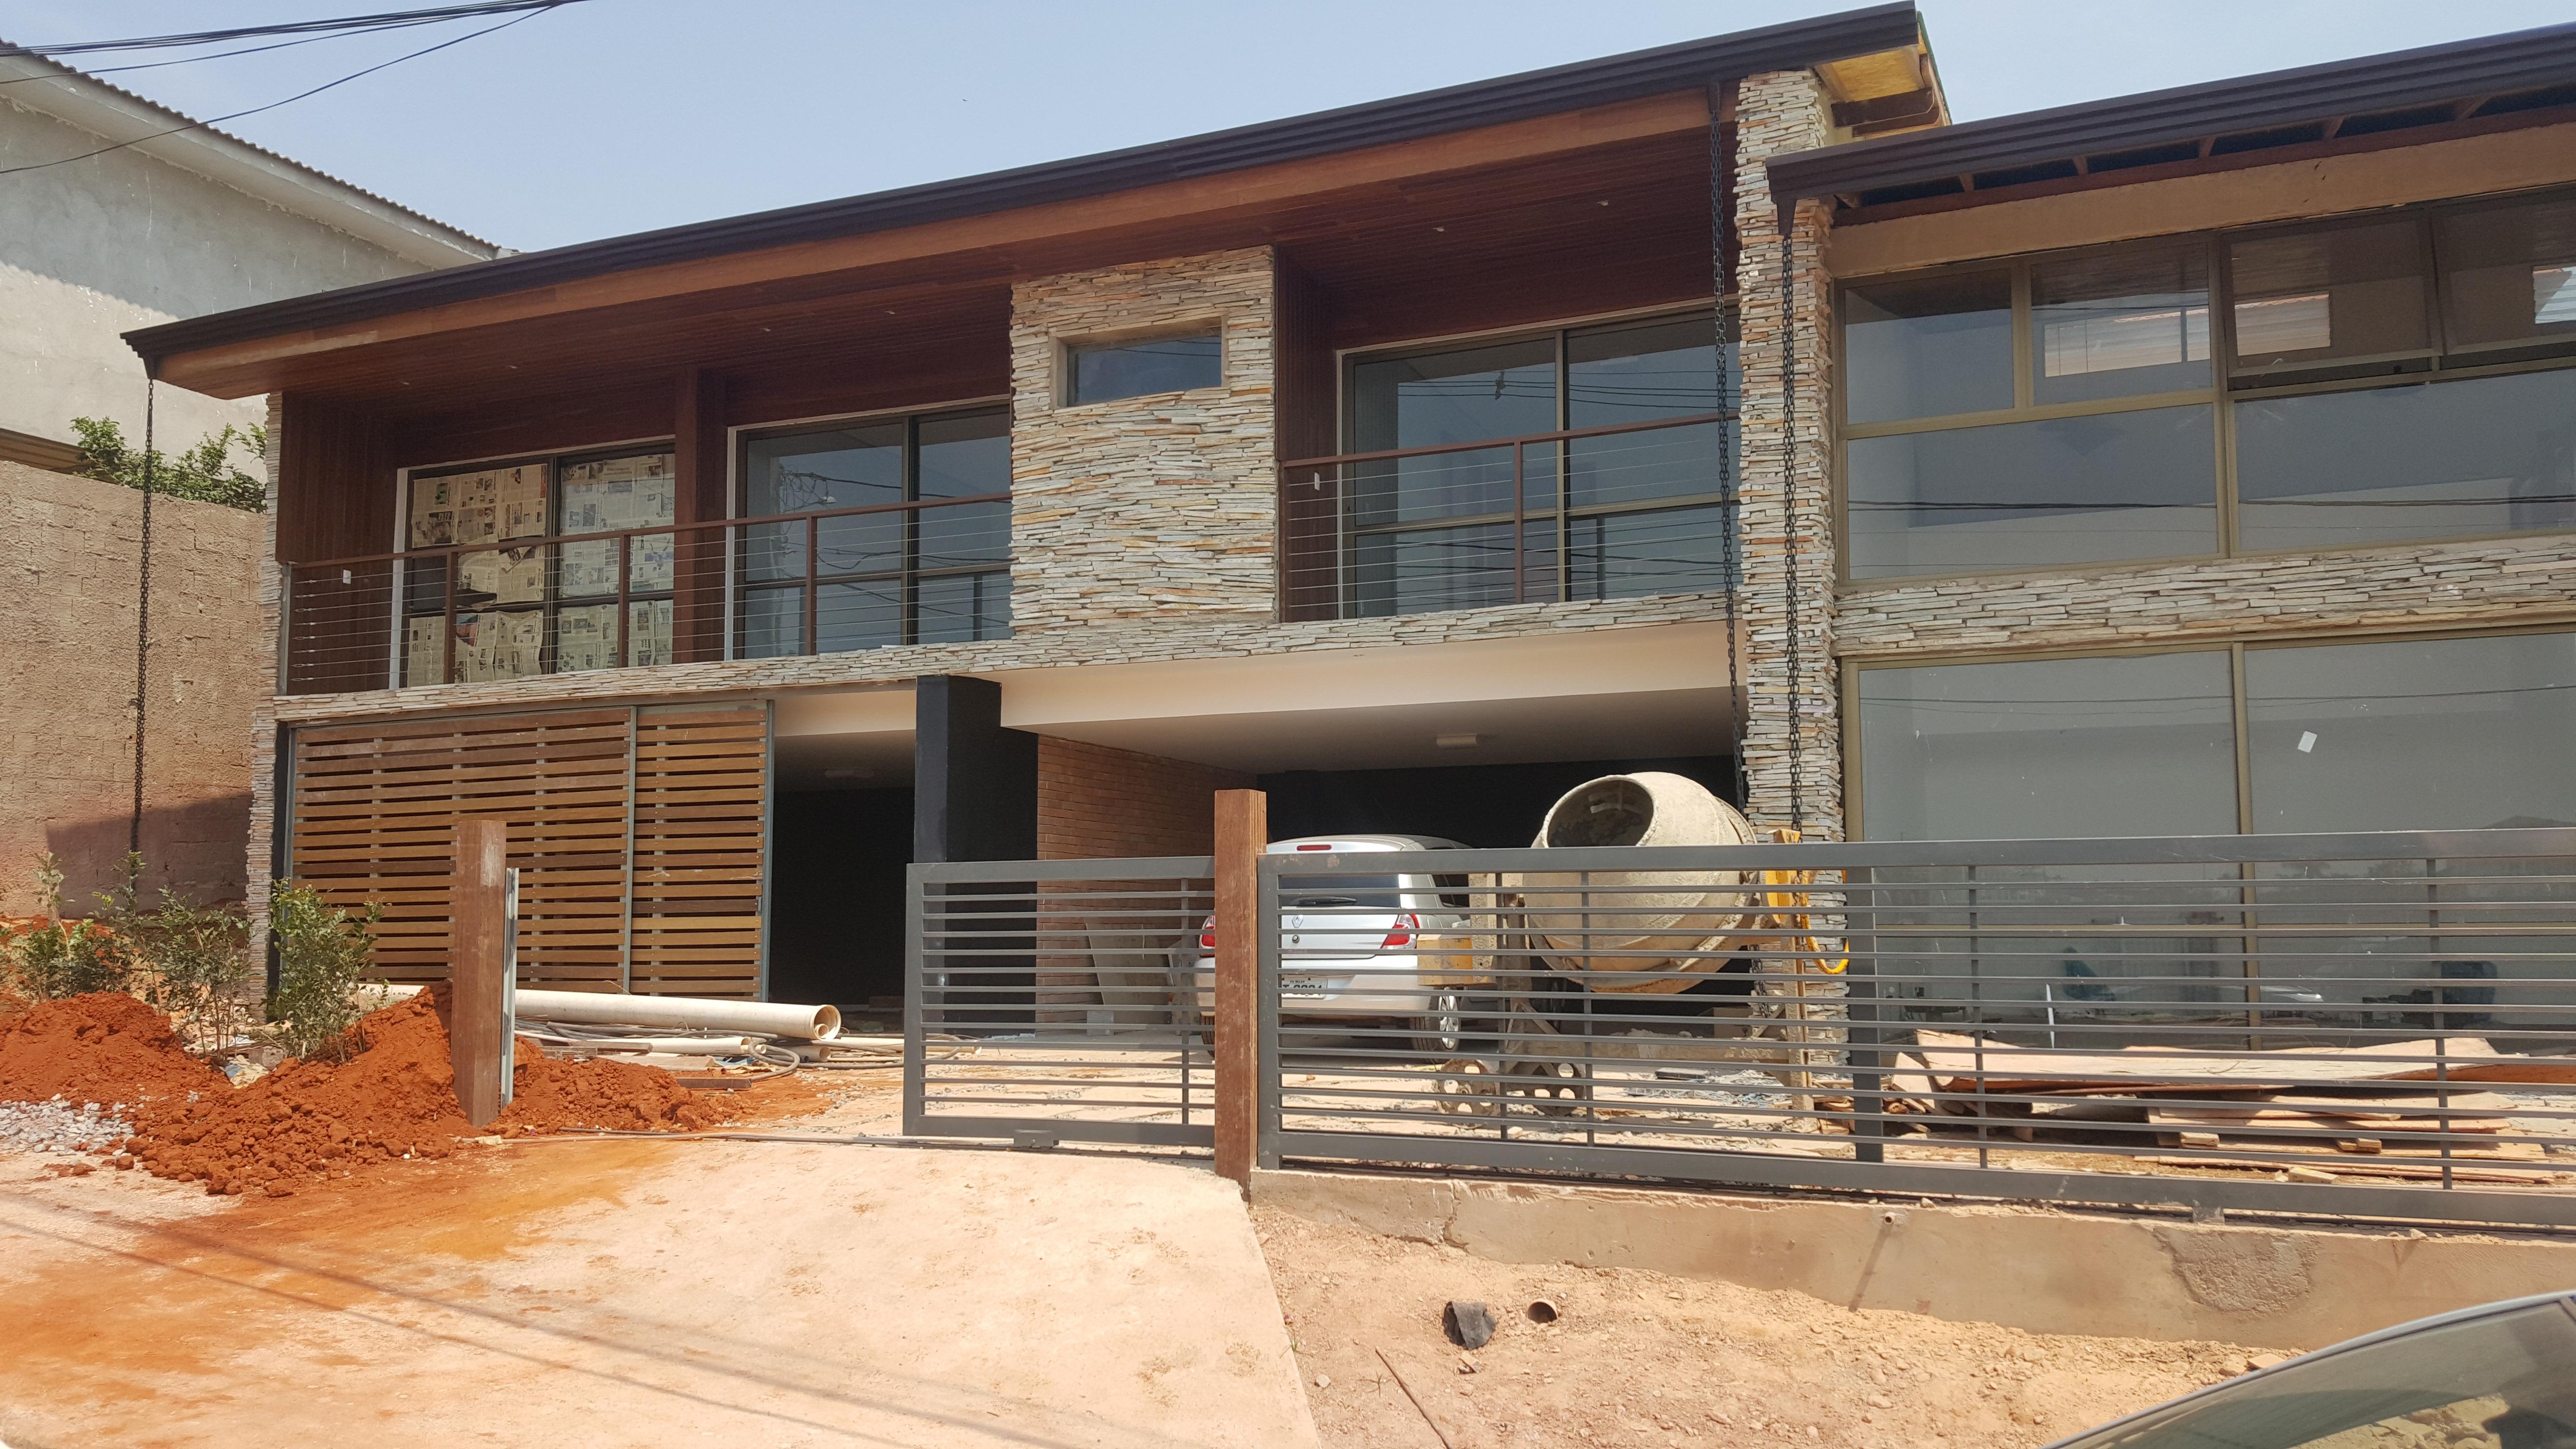 Empresa_de_Construção_no_Park_Way,_Brasilia,_Distrito_Federal_-_DF